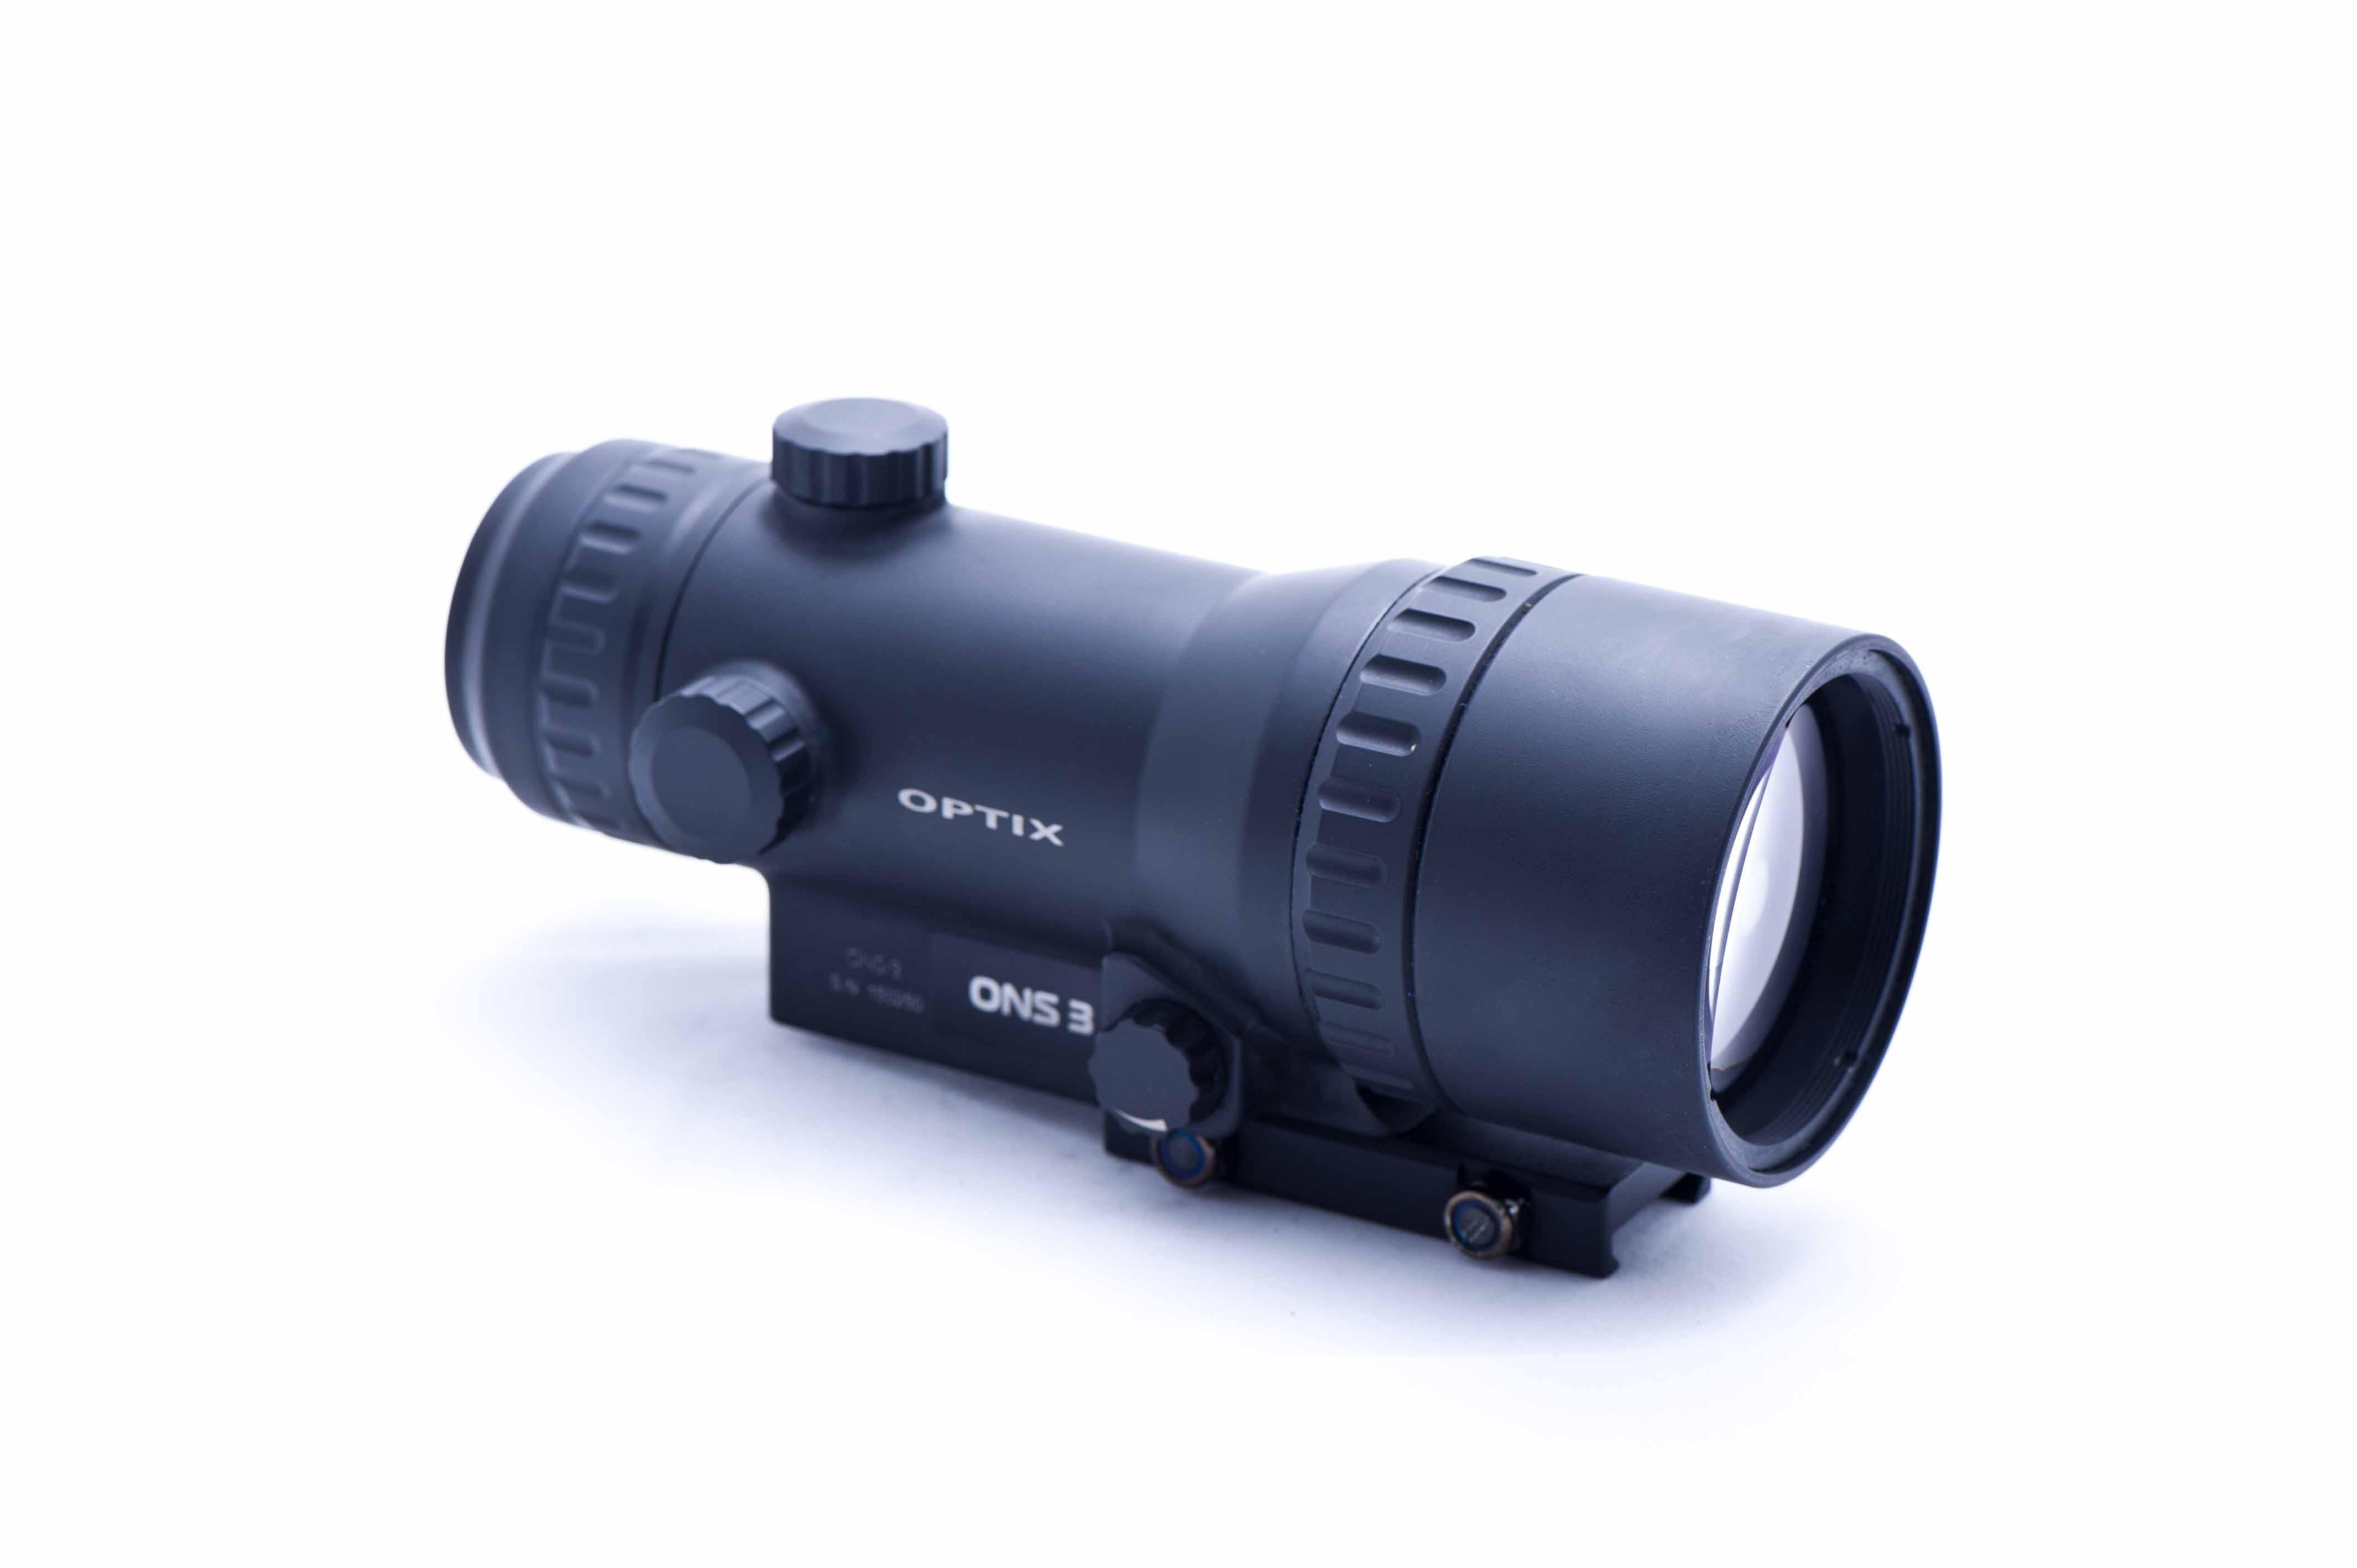 Zielfernrohr Mit Entfernungsmesser Und Nachtsicht : Nachtsicht zielfernrähre und aufsätze